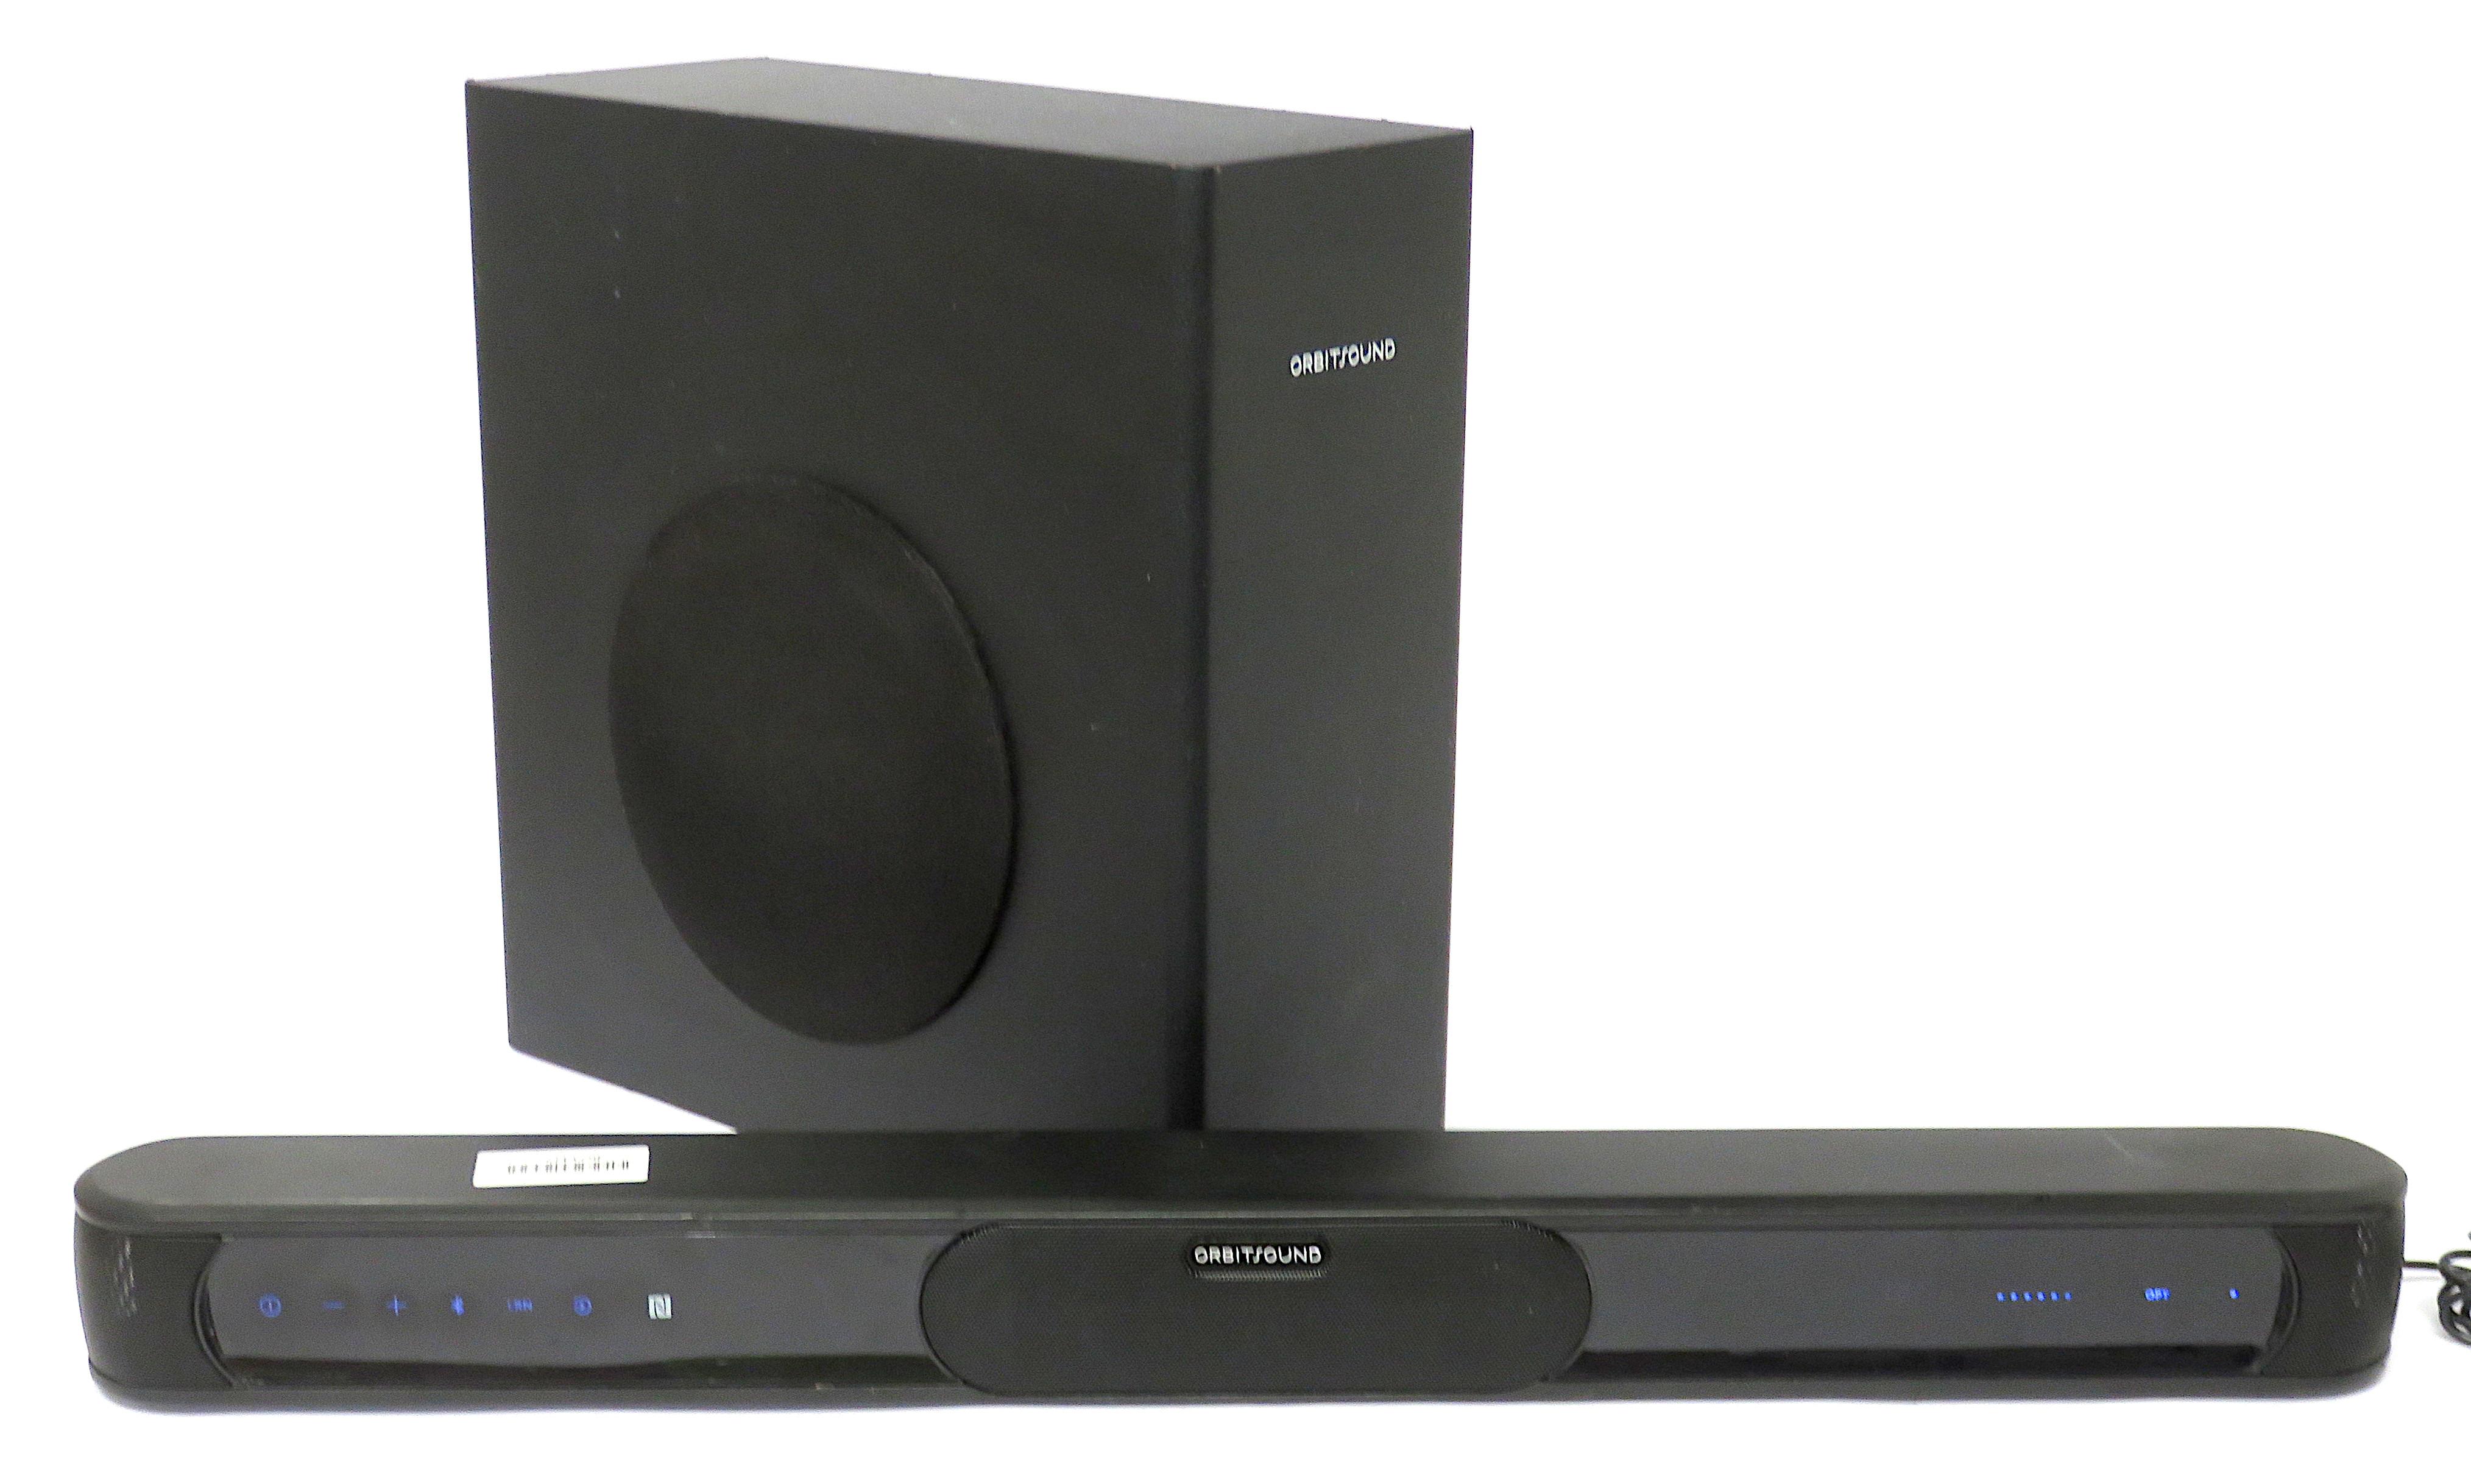 Orbitsound Airsound BAR A60 3.1 Soundbar & Wireless Subwoofer